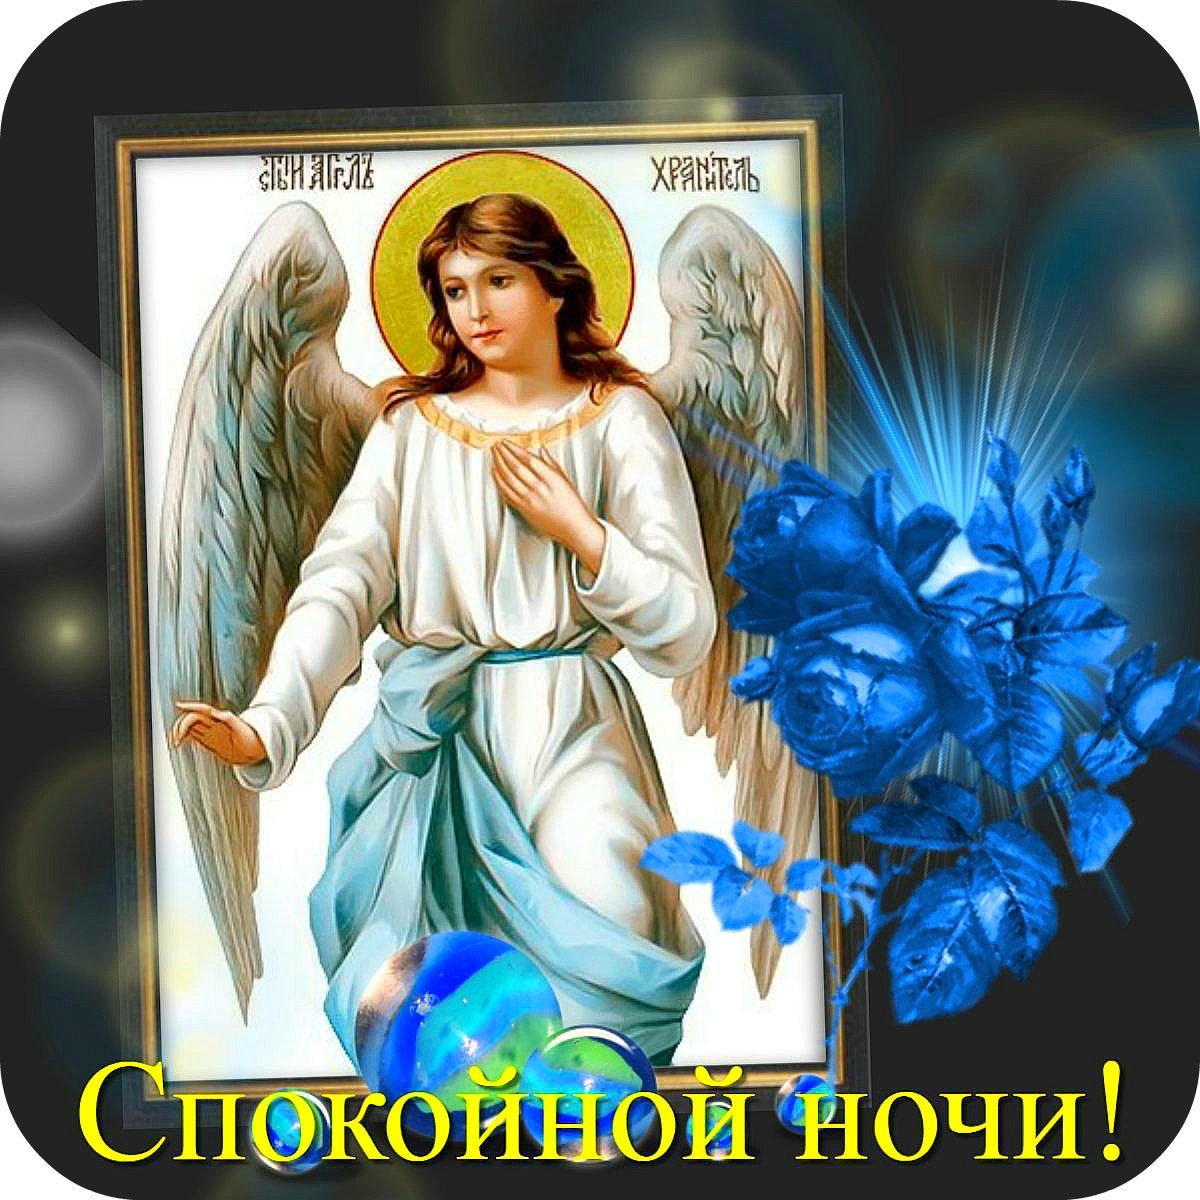 Православные иконы открытки спокойной ночи, днем рождения владимира